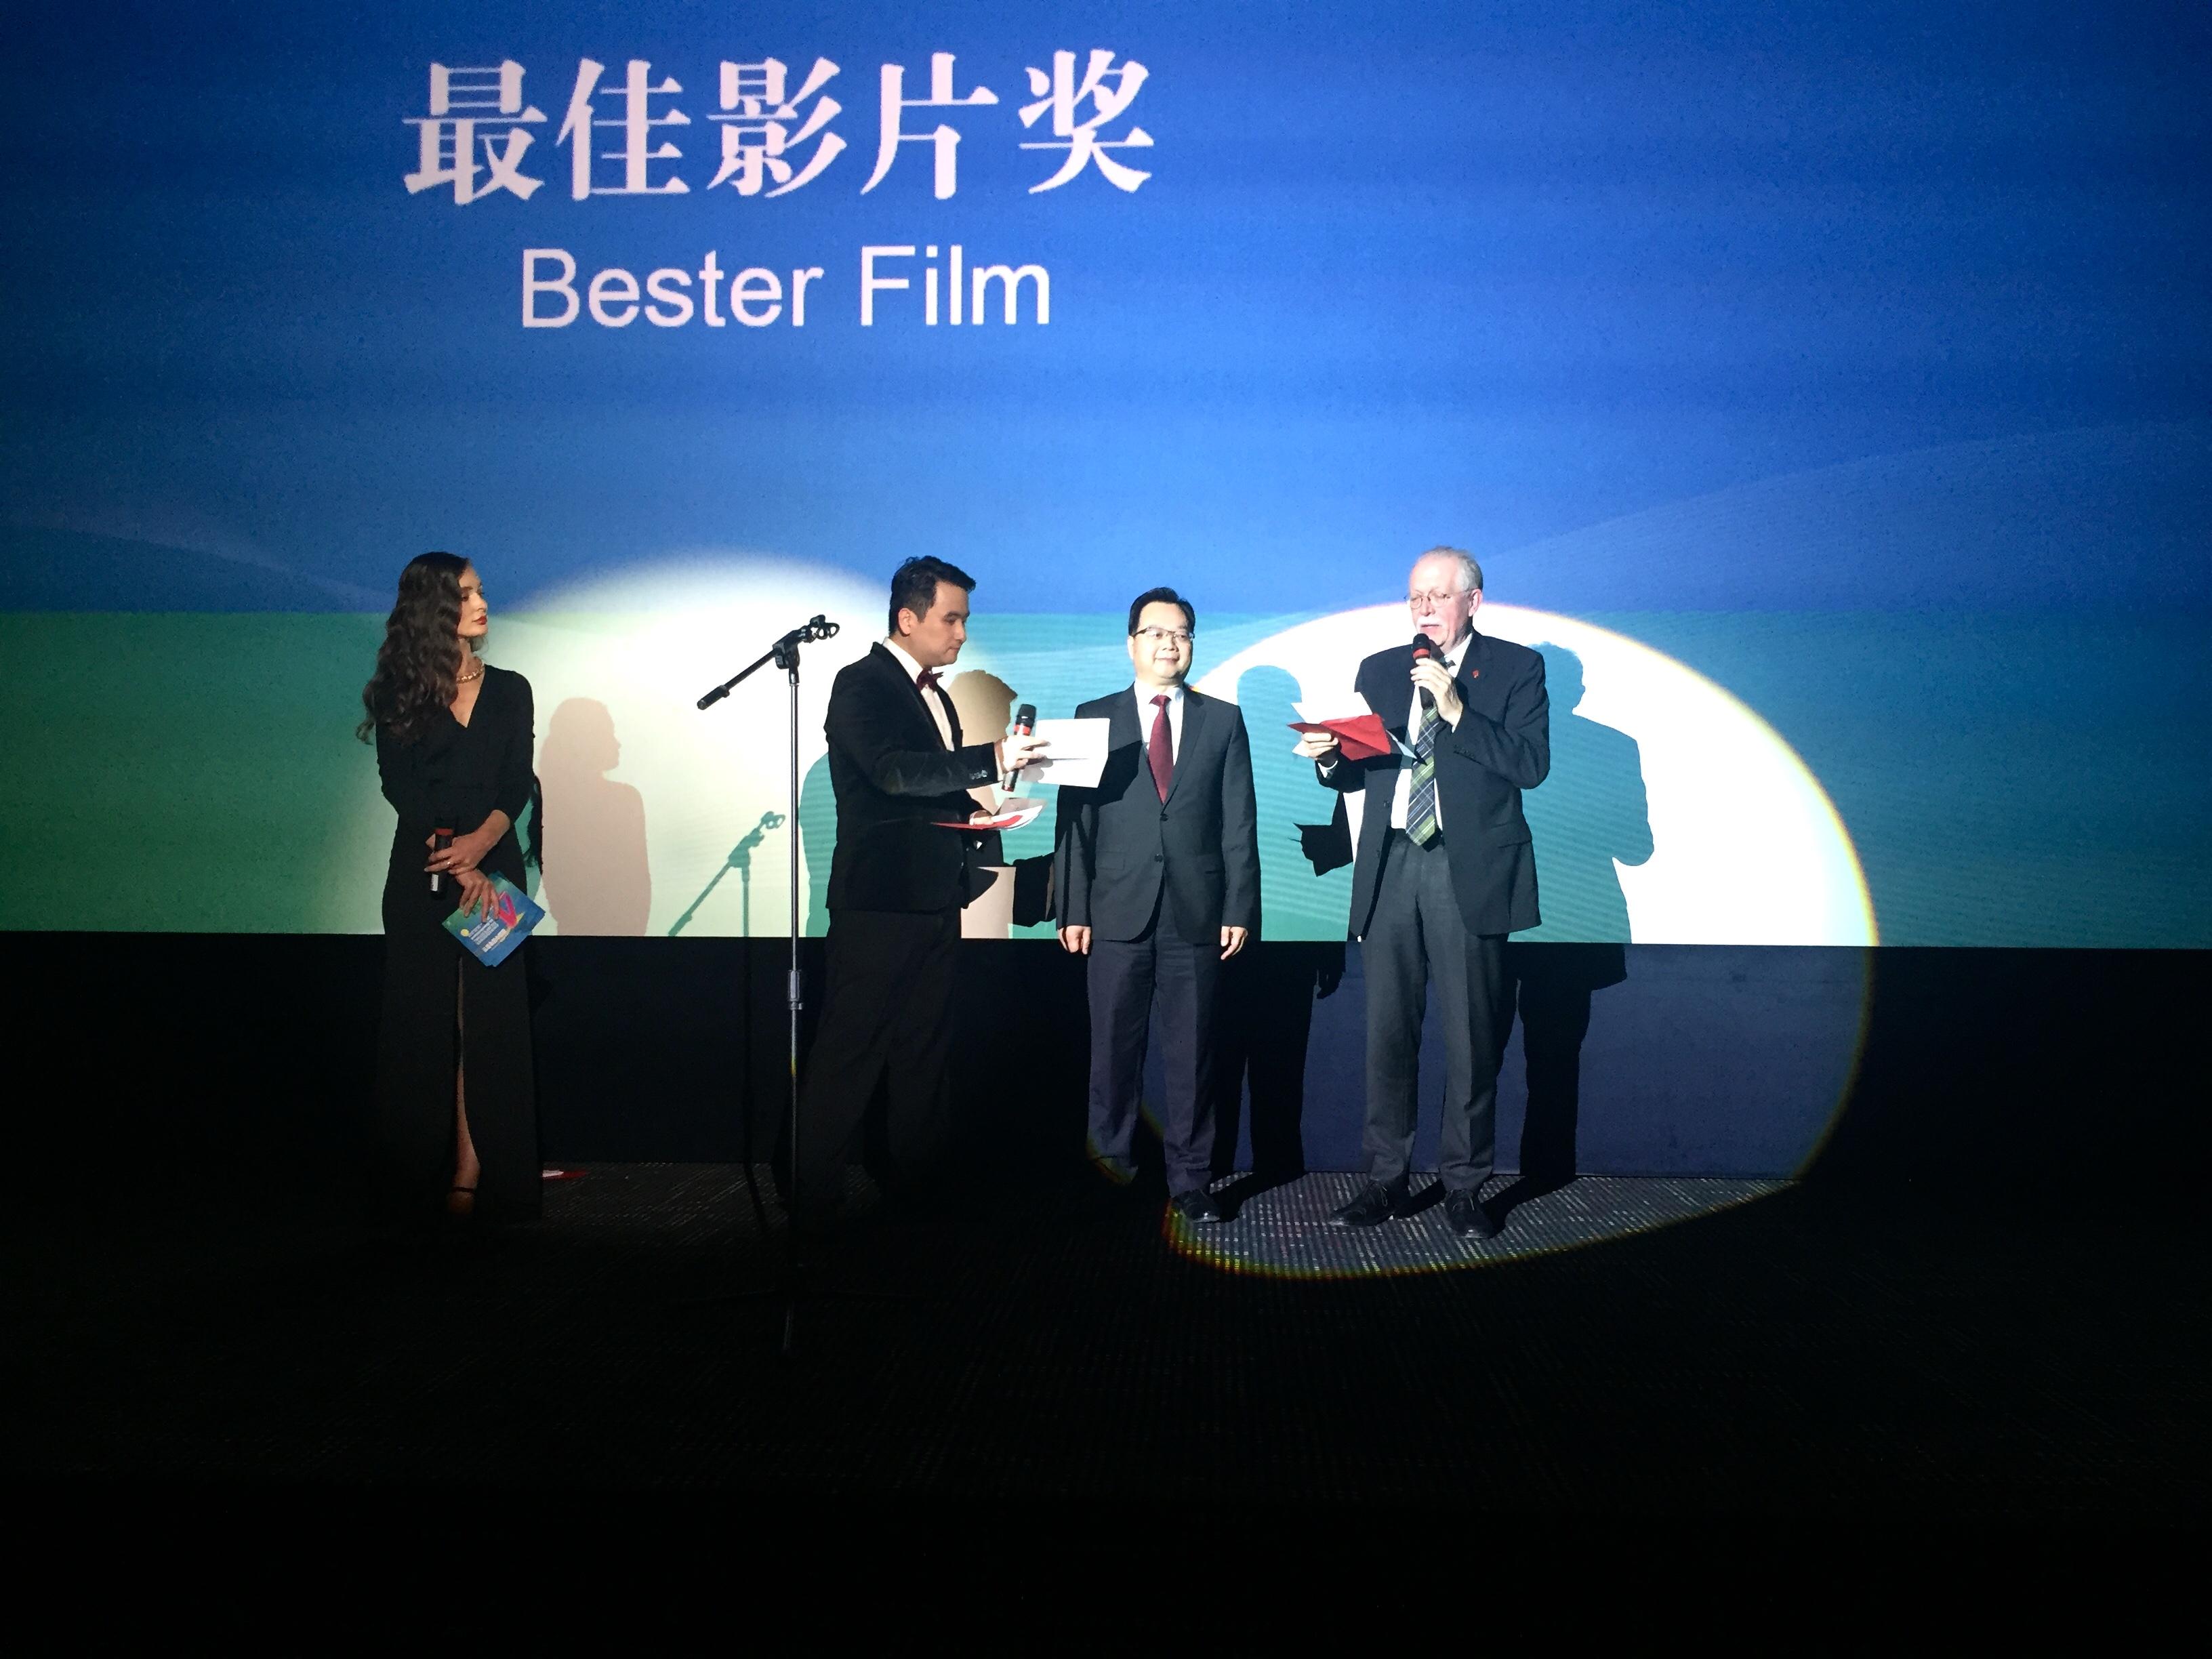 GK Sun und Stadtrat Möbius (3. und 4. v. l.) verkünden den Sieger des Preises für den besten Film